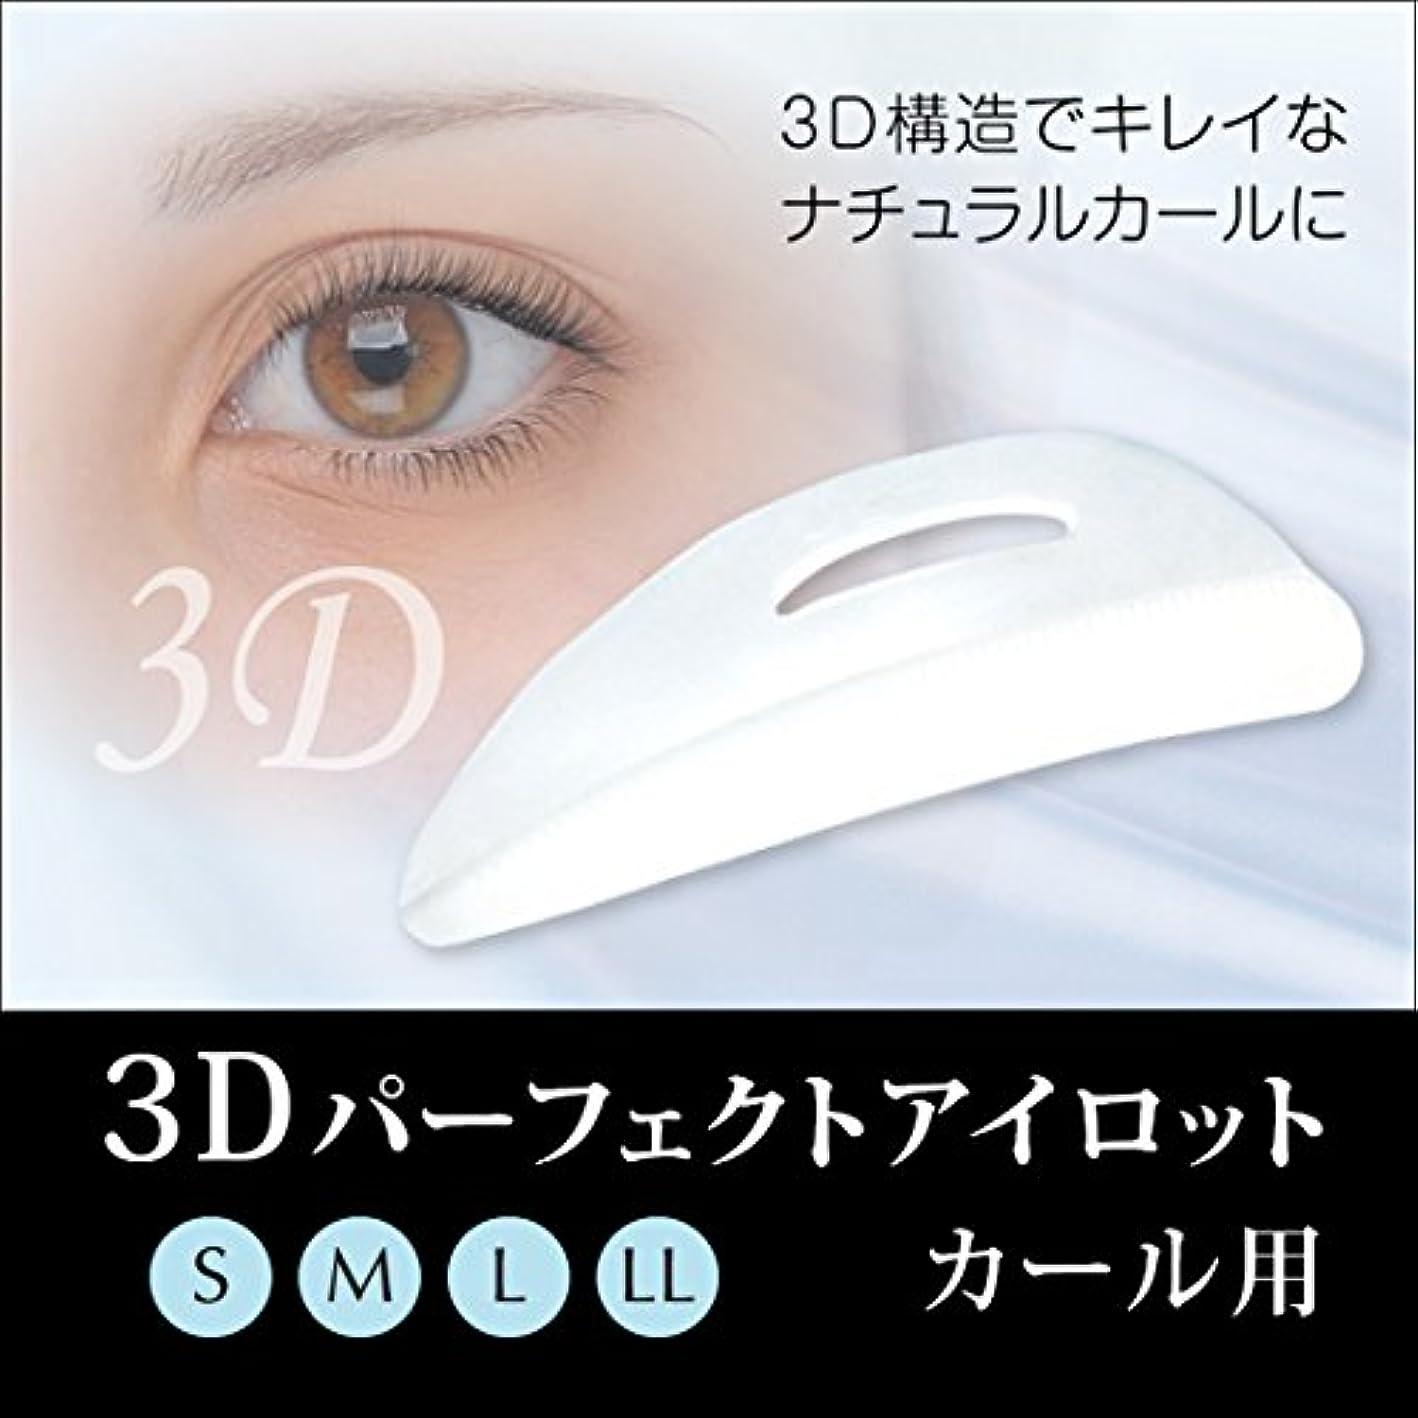 メタンリッチメジャー3Dパーフェクトアイロット カール用 (LL)